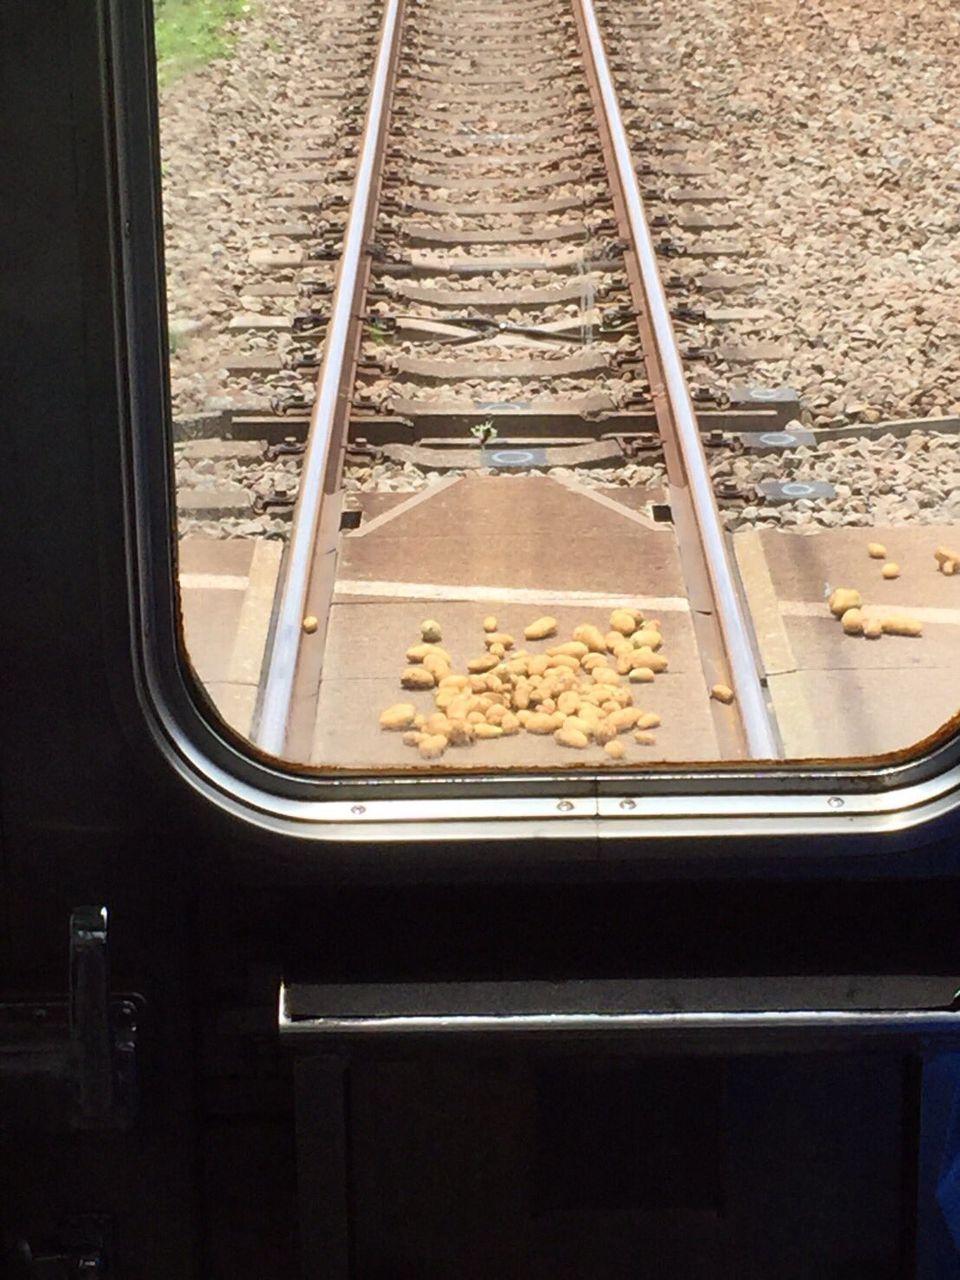 小田急線で年寄りが線路内に置き石ならぬ置き芋をしたため列車が停止 運転手が芋を撤去